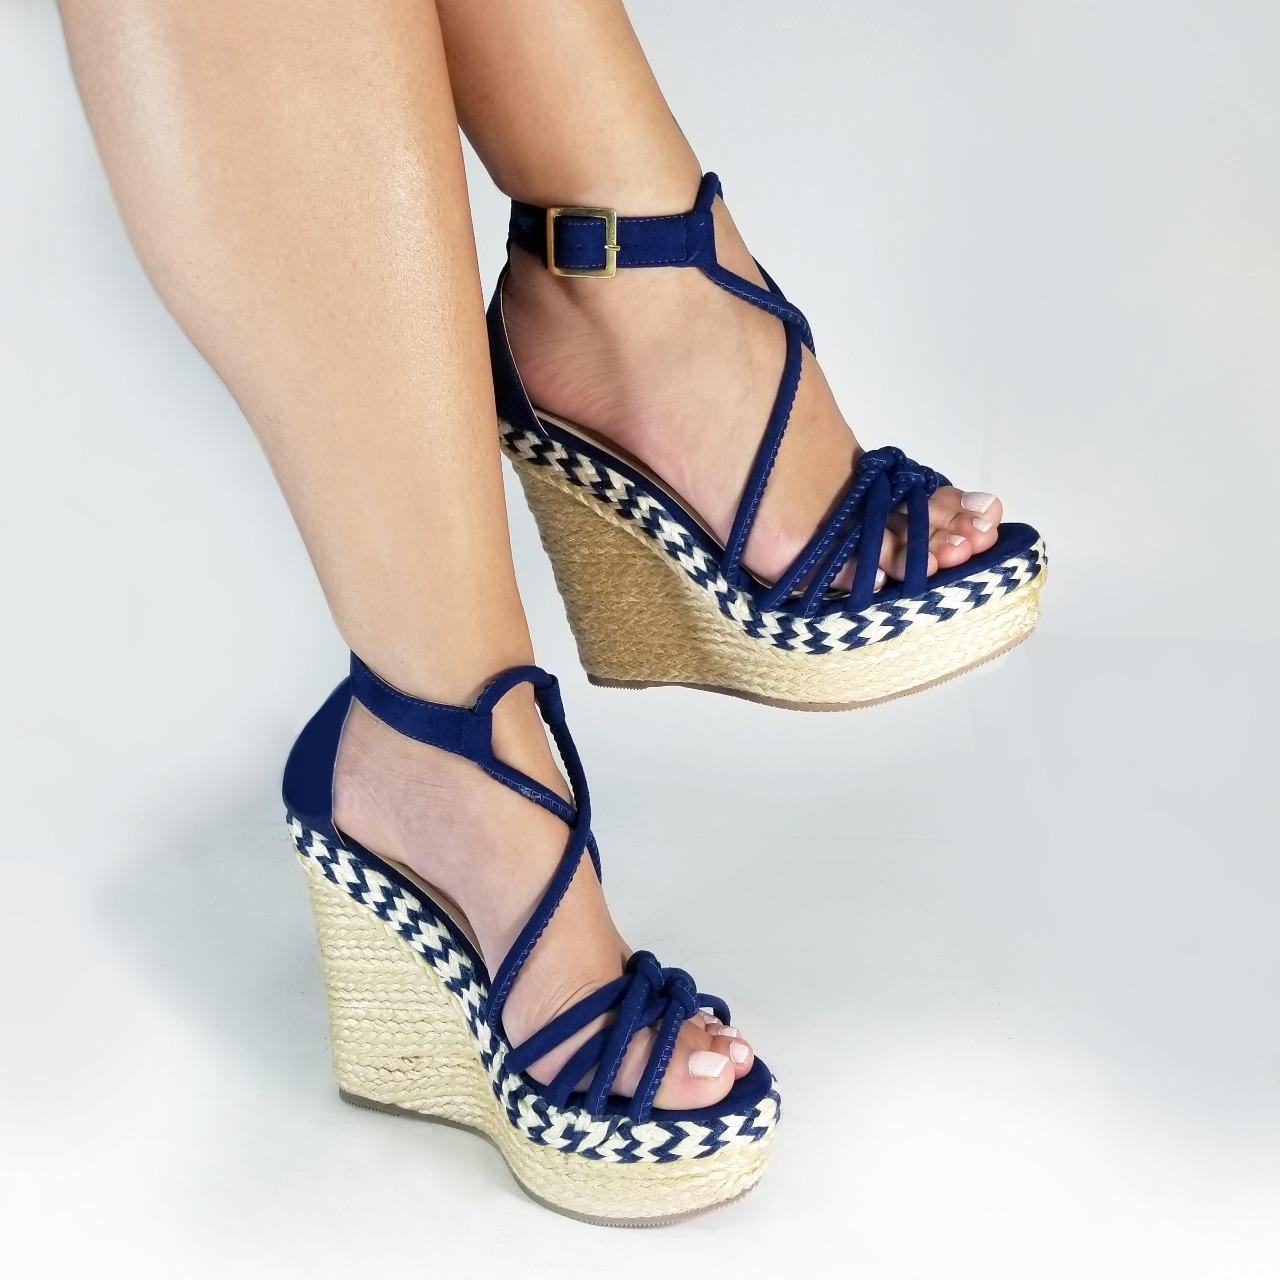 fotos oficiales 0f67d 36dce Zapatos plataforma mujer TC998 en colores blanco, azul y miel